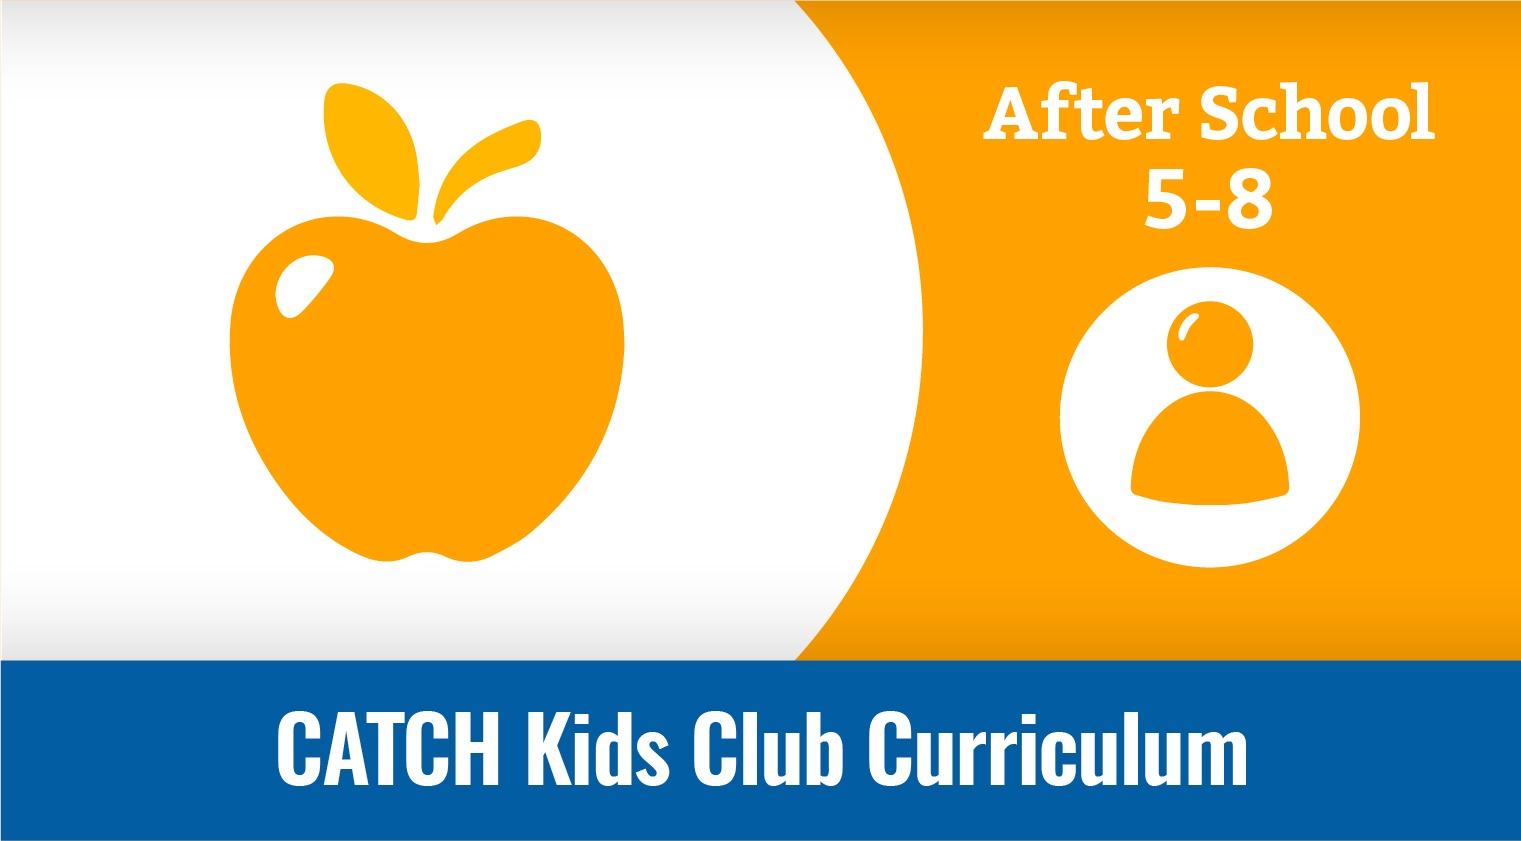 CATCH Kids Club 5-8 Curriculum